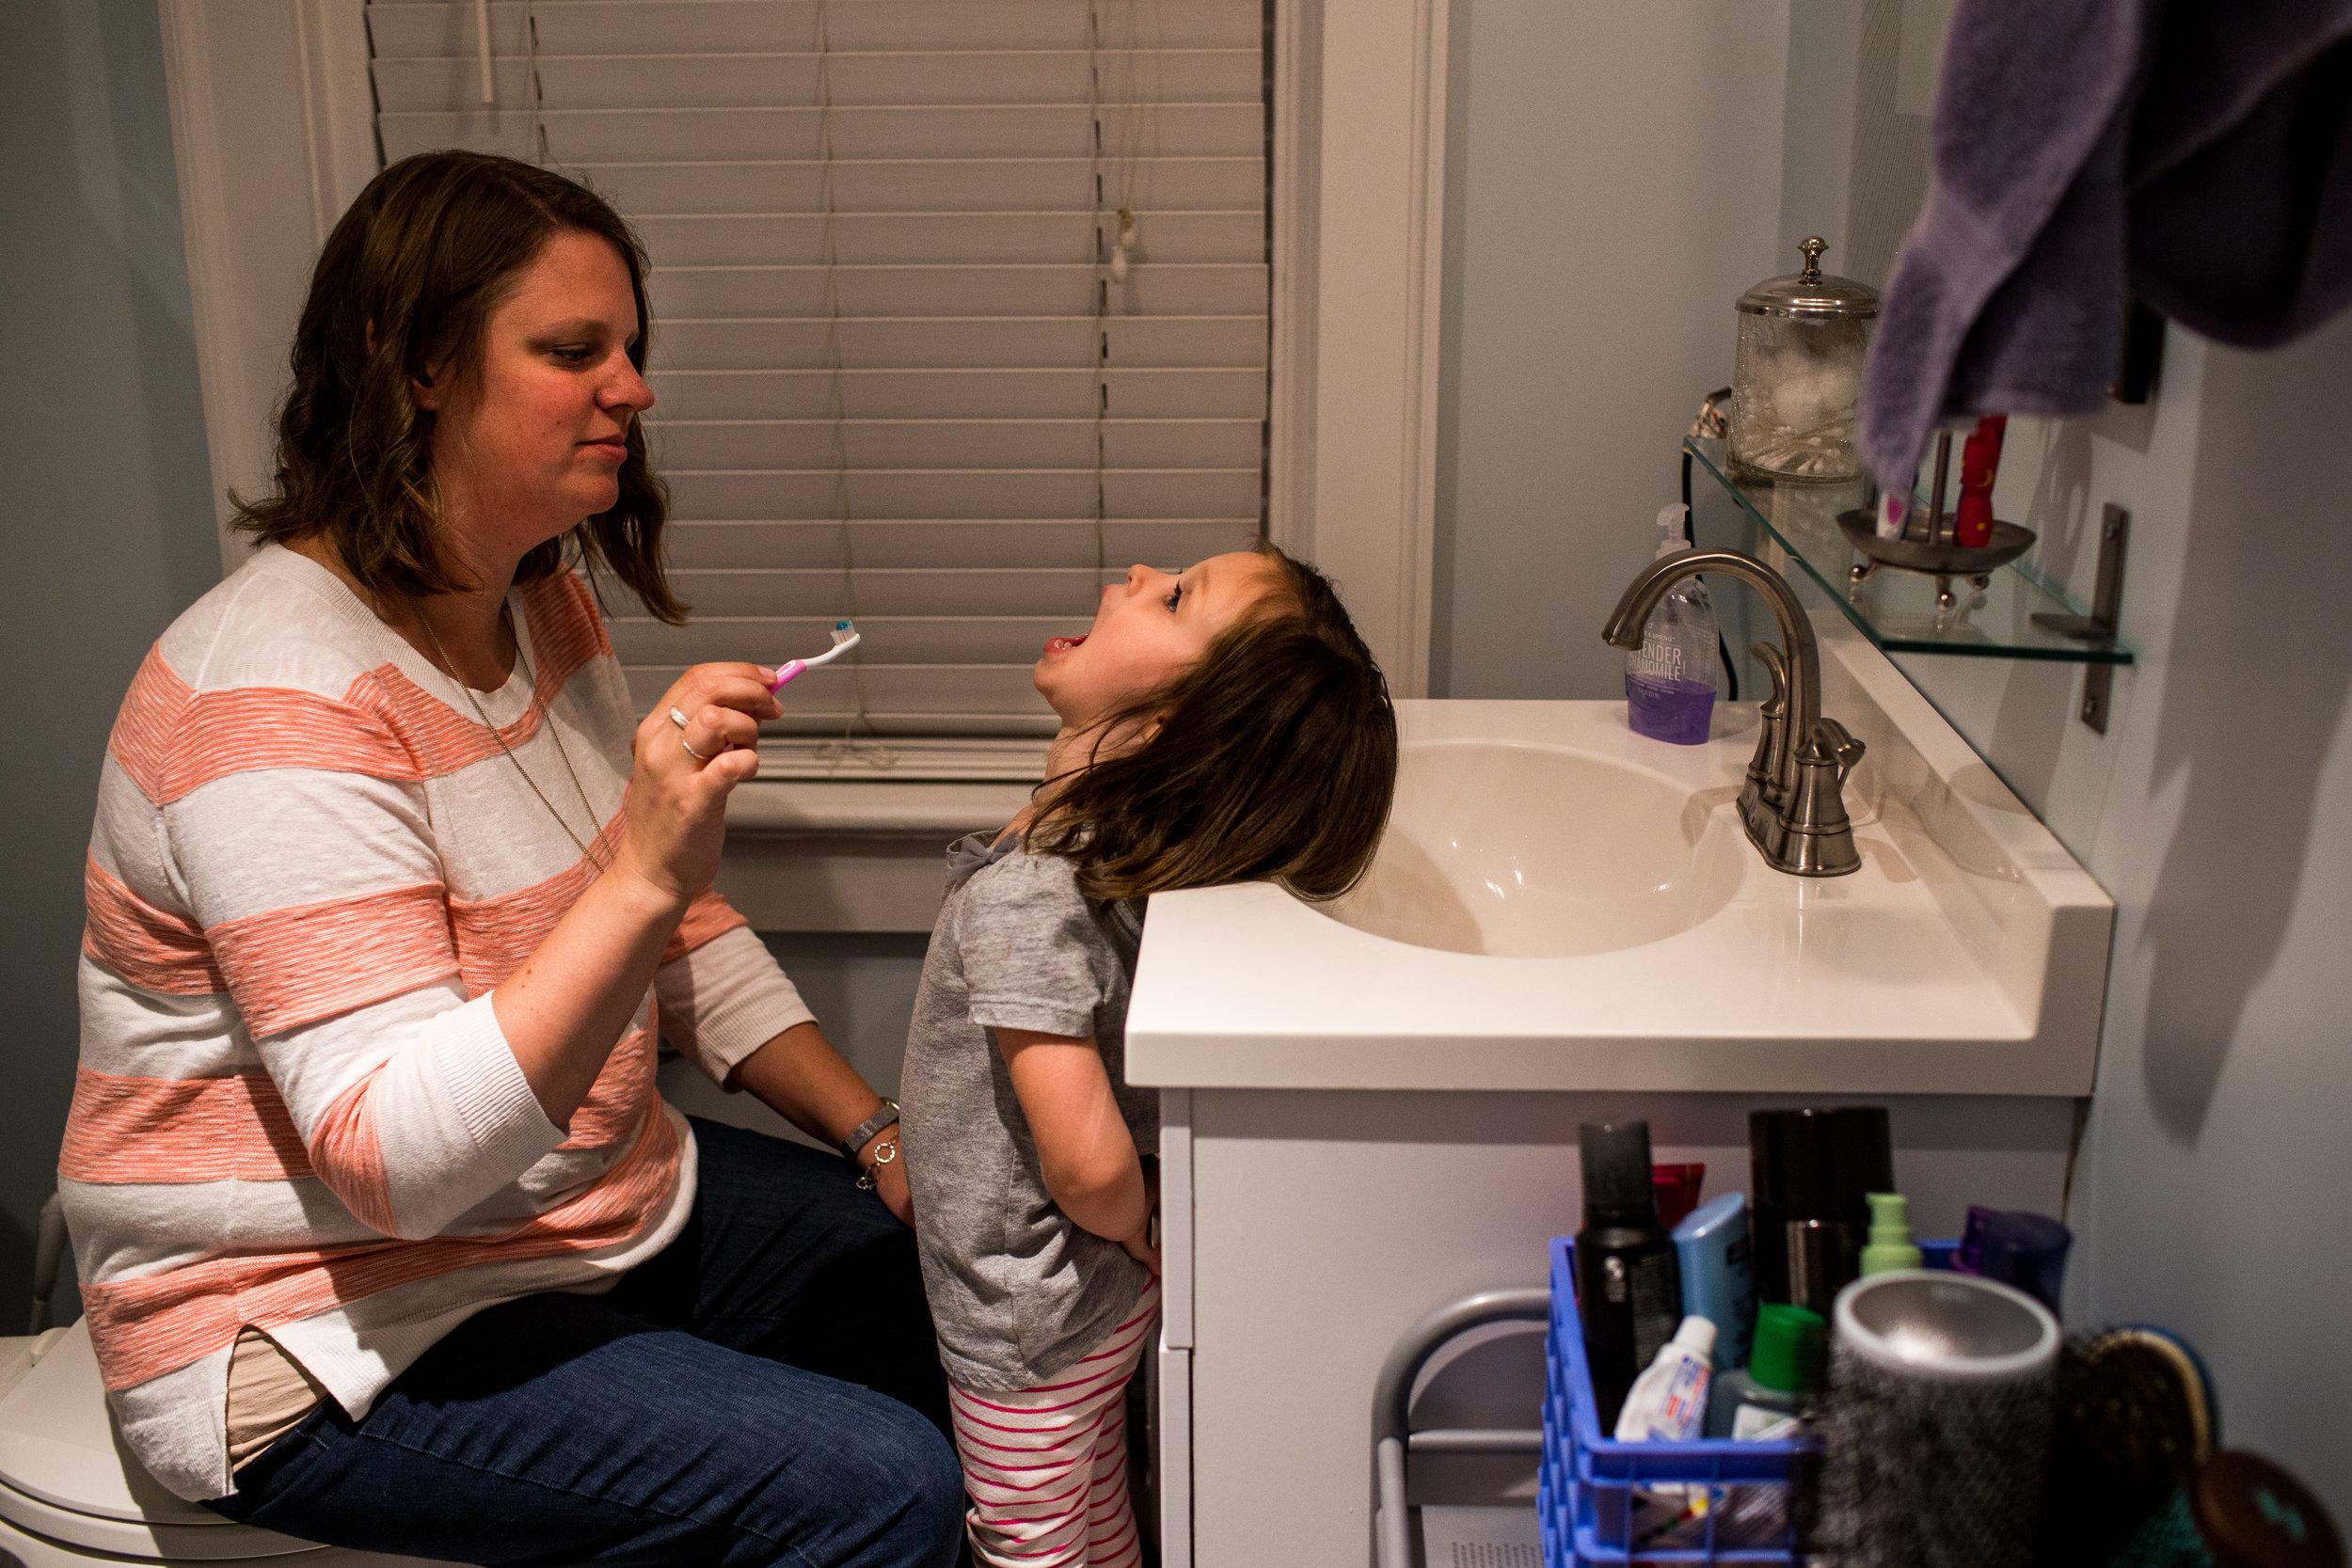 mom brushing daughters teeth